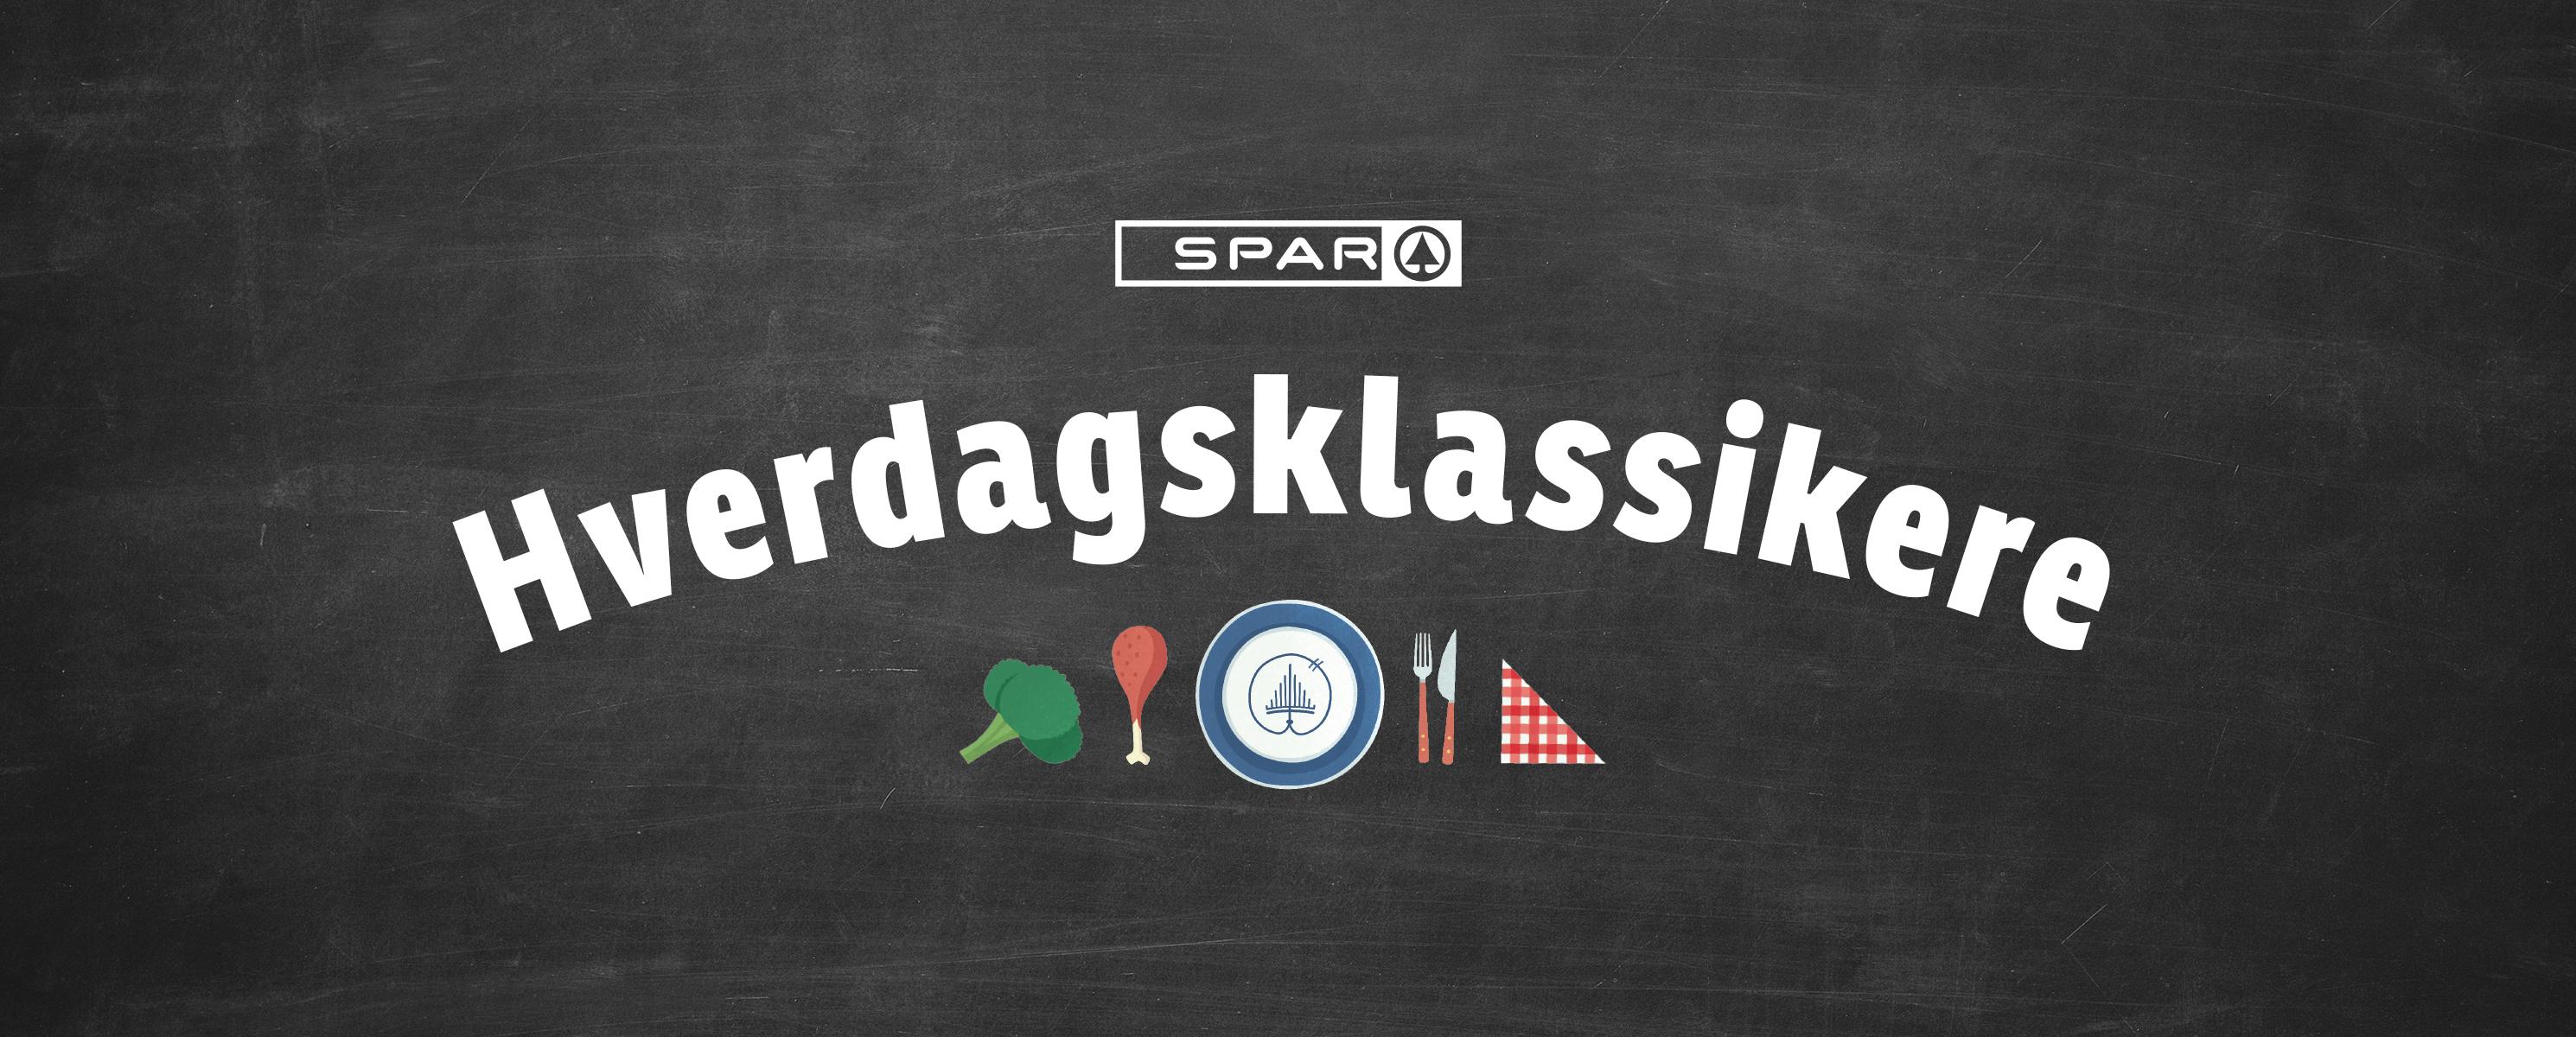 SPAR-image 03